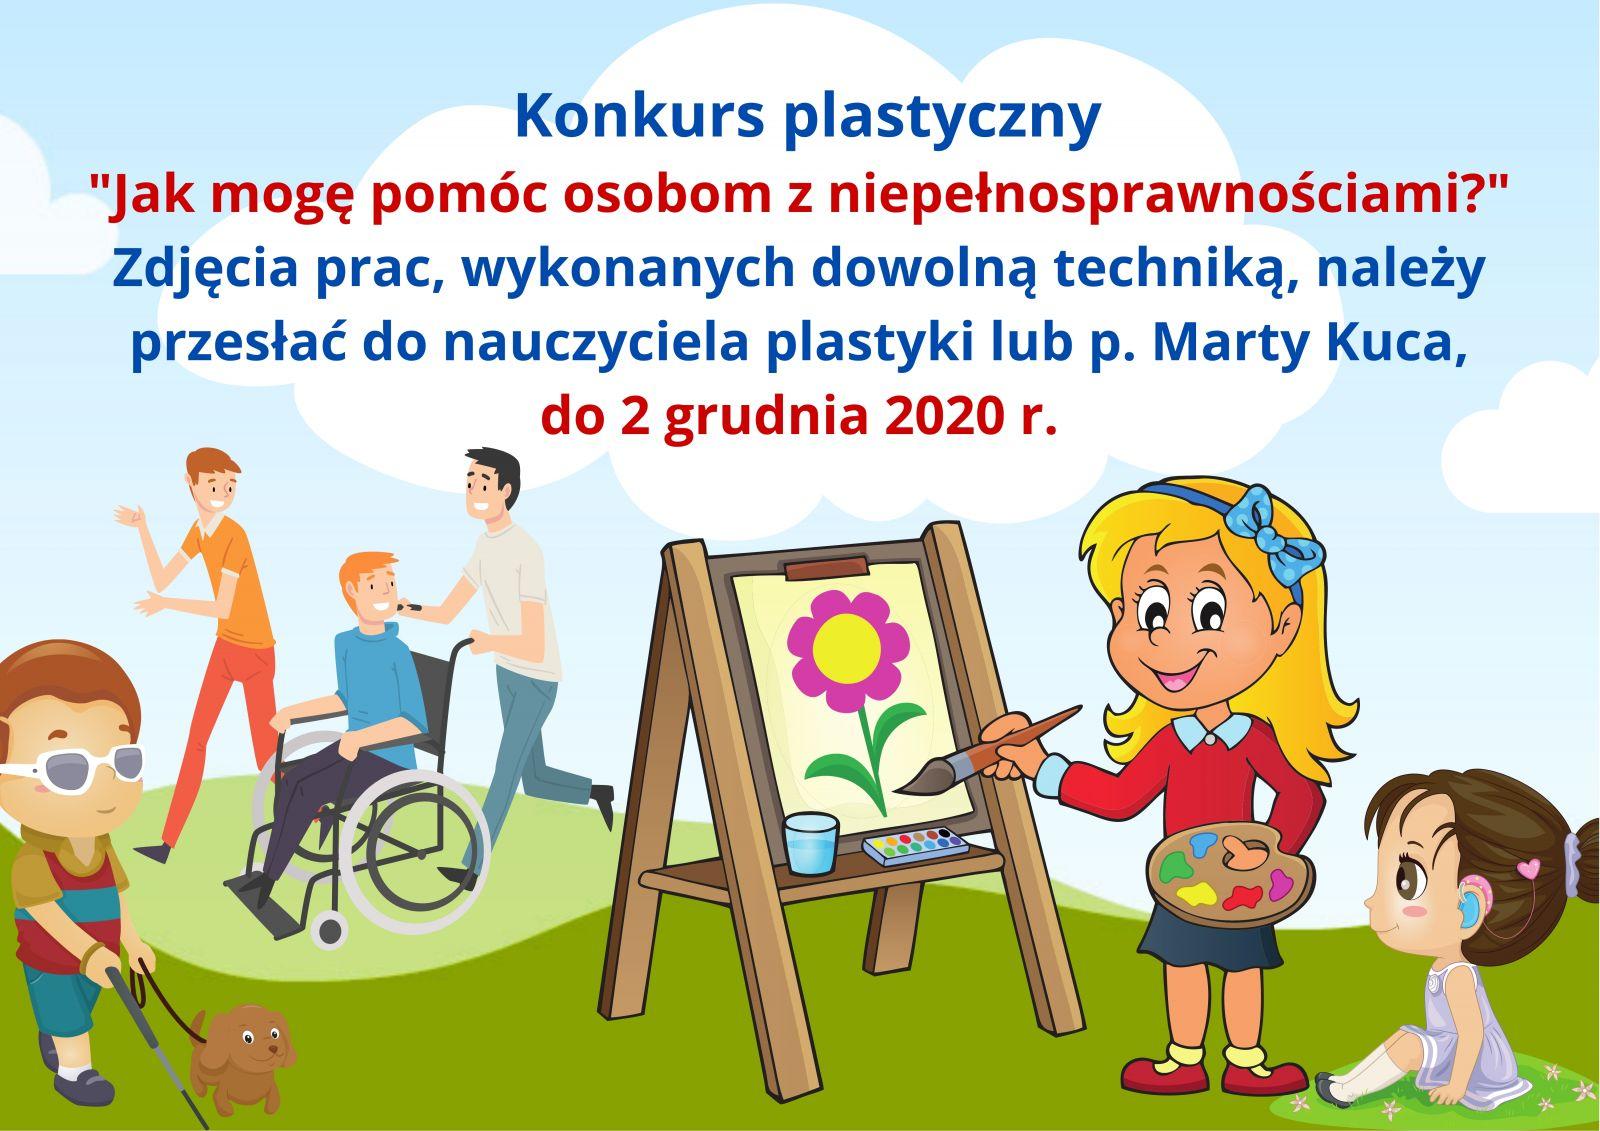 """Ogłoszenie - Konkurs plastyczny """"Jak mogę pomóc osobom z niepełnosprawnościami?"""" Zdjęcia prac, wykonanych dowolną techniką, należy przesłać do nauczyciela plastyki lub p. Marty Kuca, do 2 grudnia 2020 r. Autor grafiki Marta Kuca"""